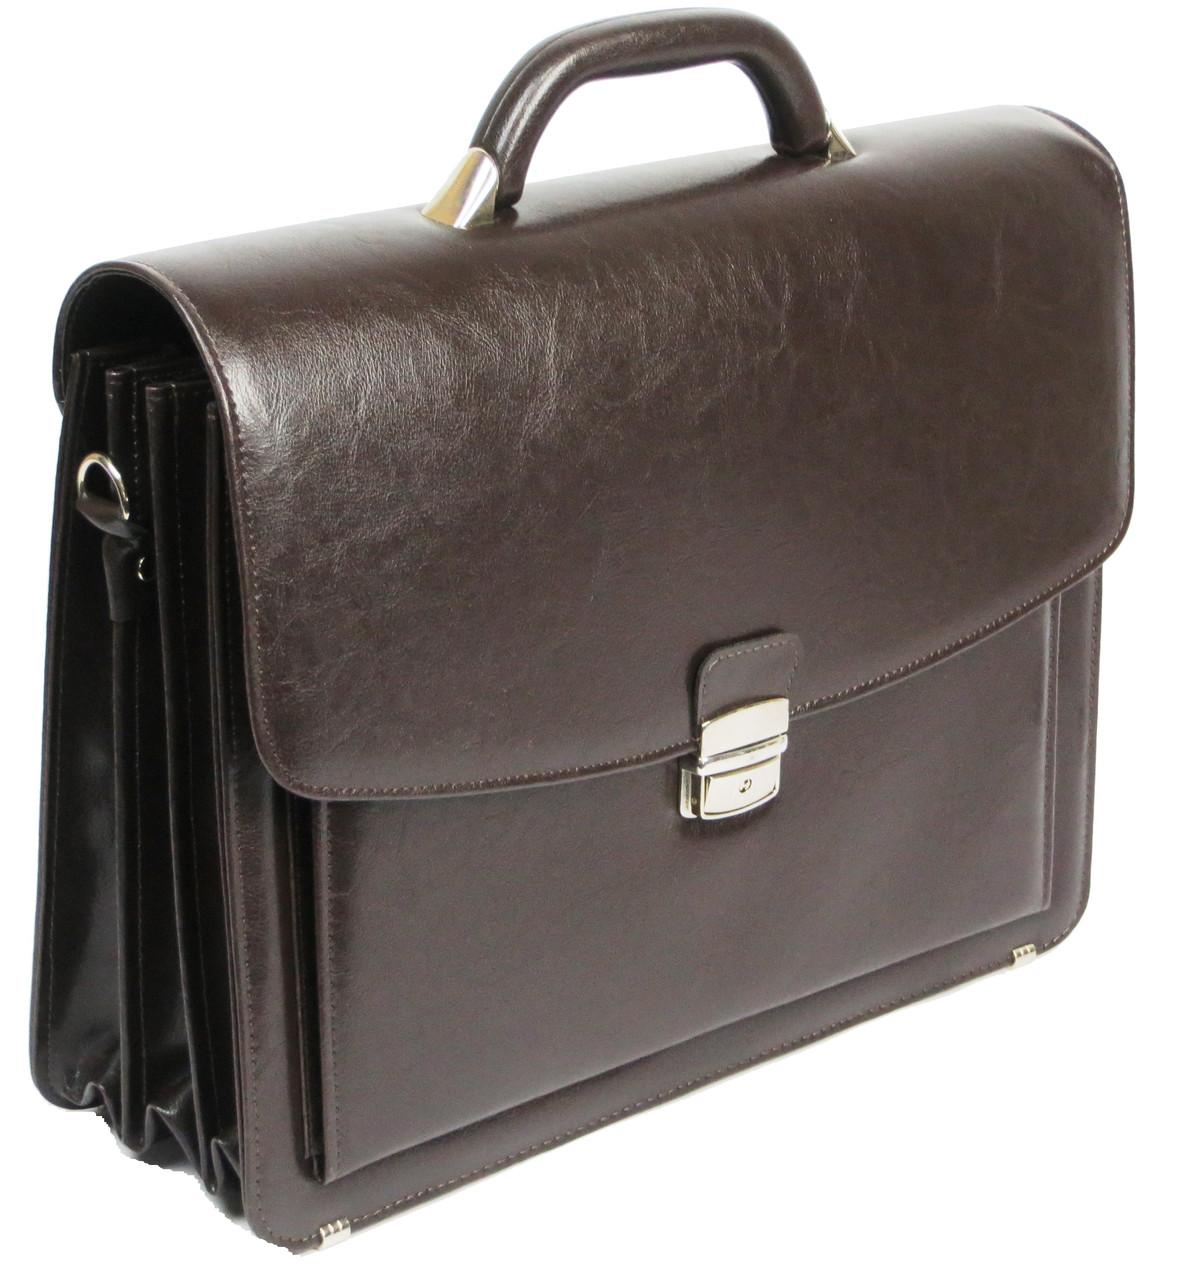 Великий чоловічий портфель з шкірозамінника Jurom Польща 0-36-112